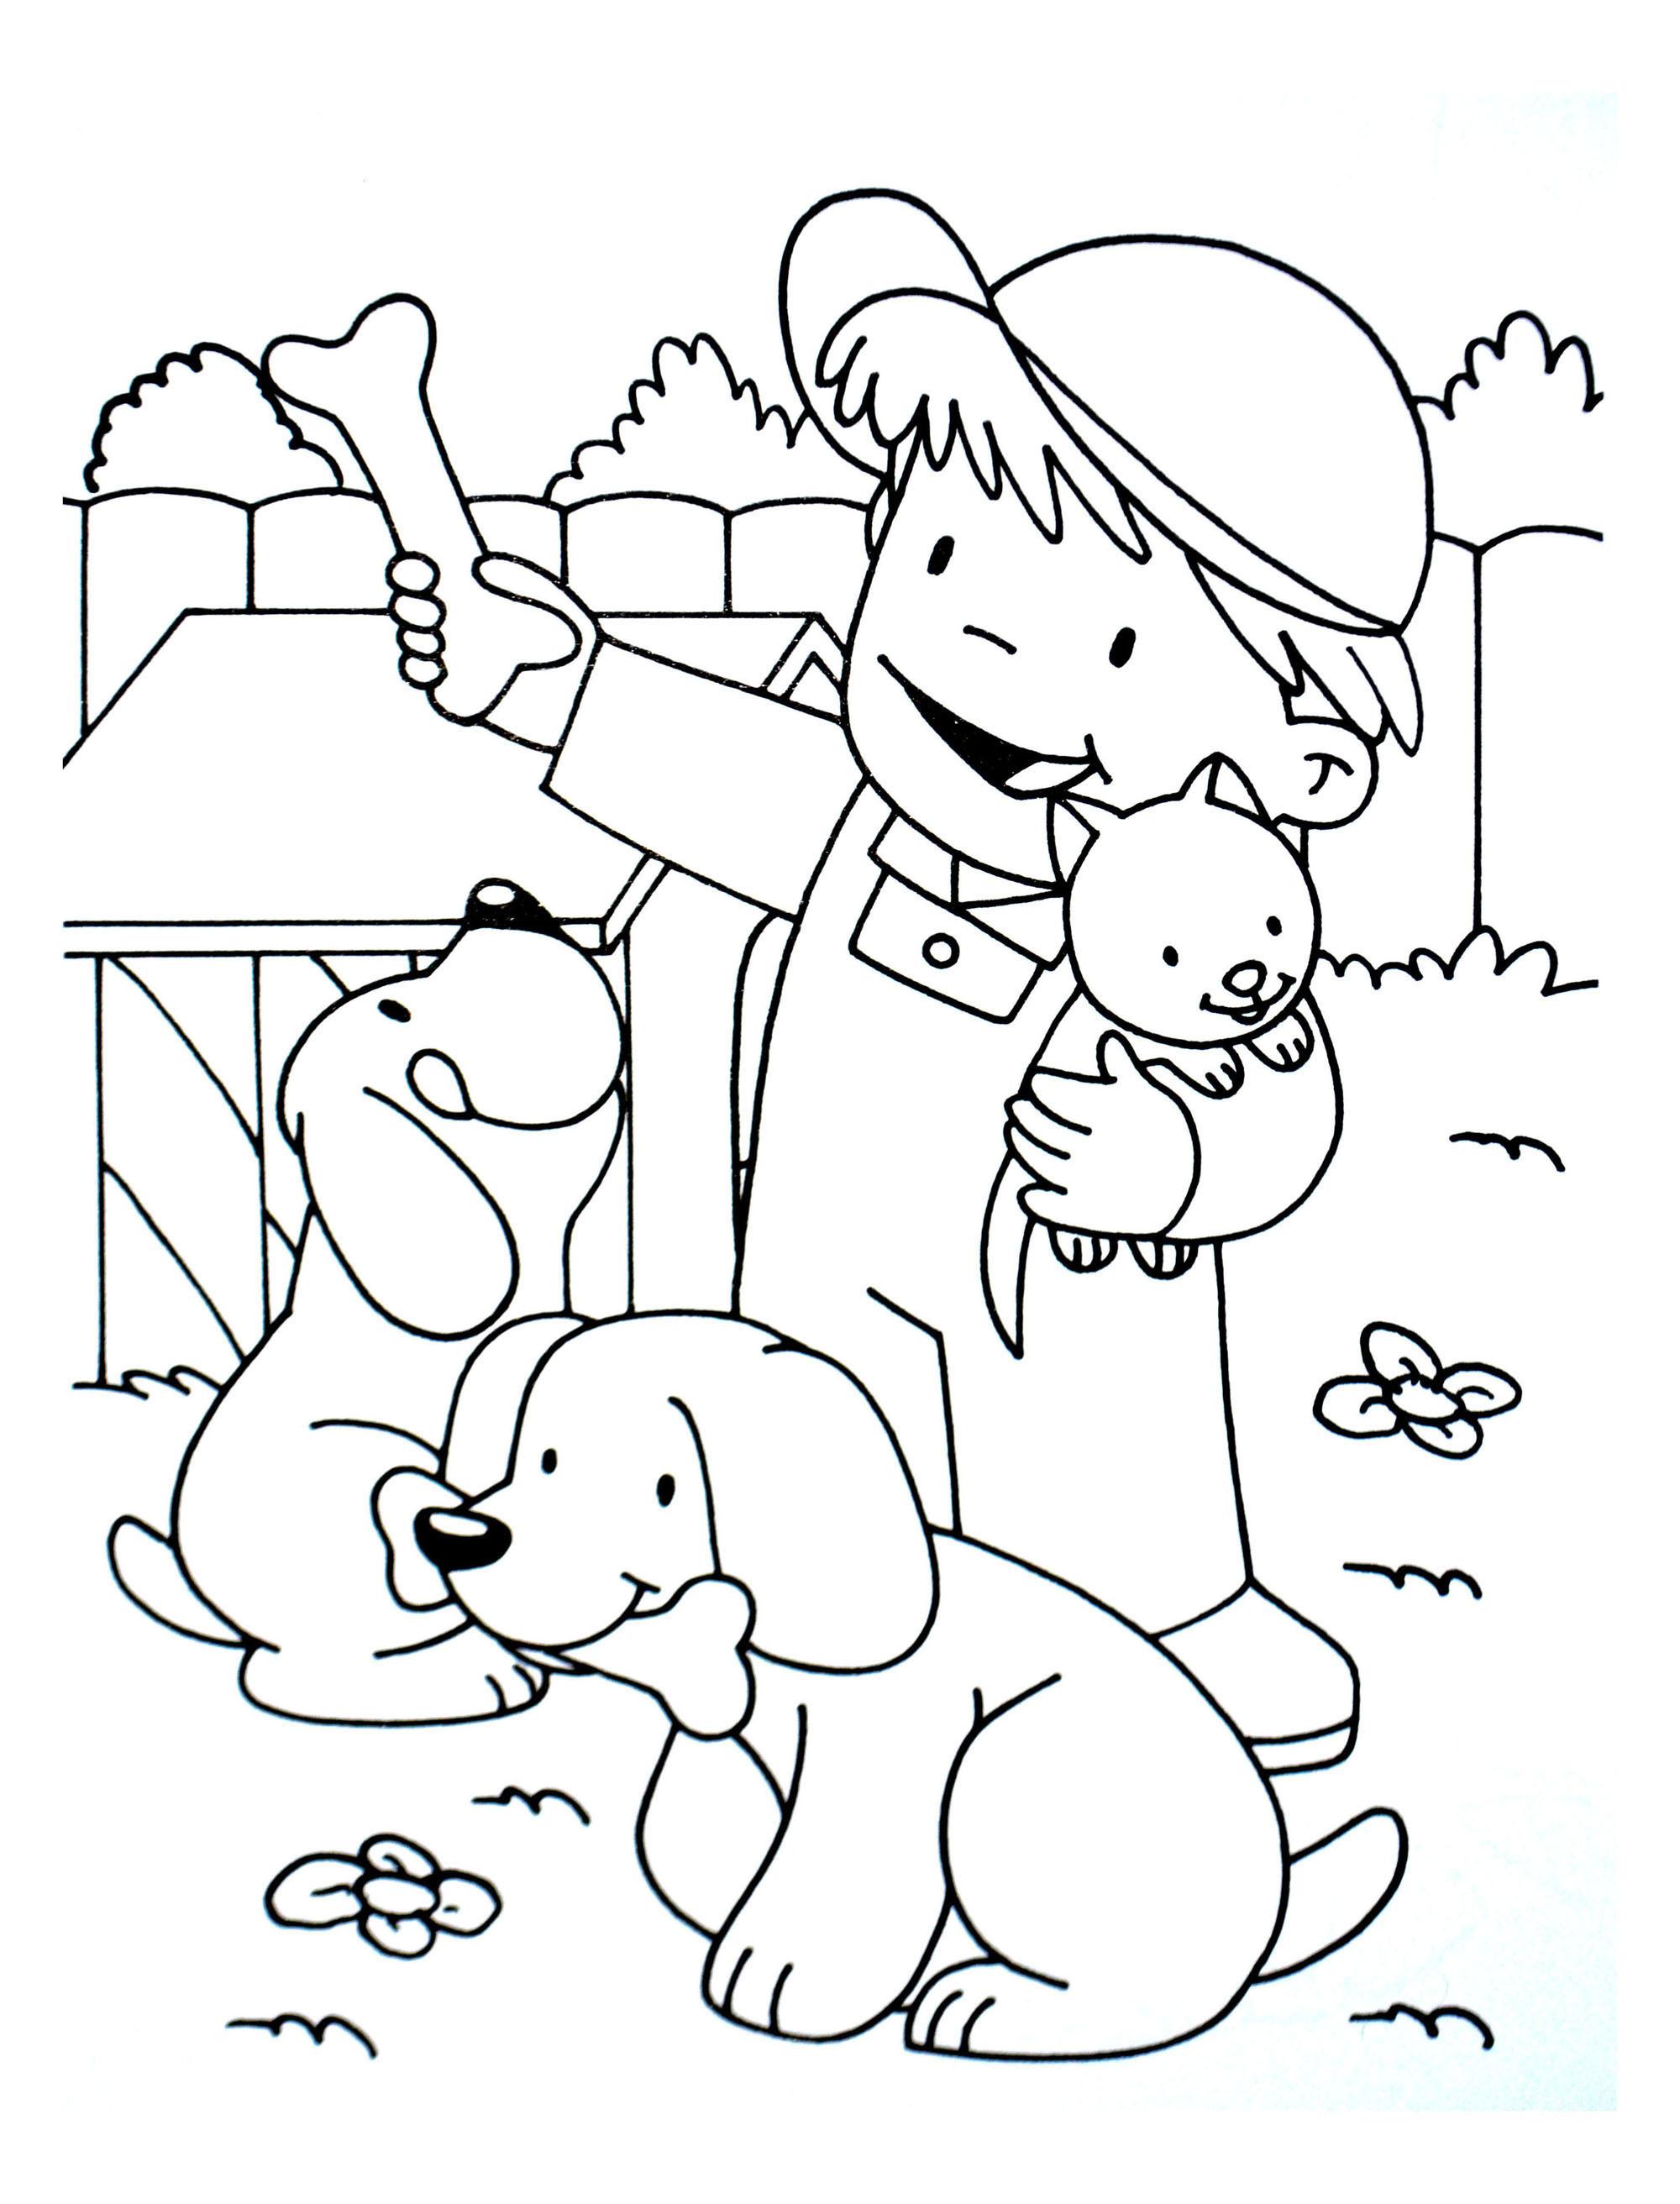 A Imprimer Chiens 6 - Coloriages De Chiens - Coloriages destiné Coloriage Gratuit A Imprimer